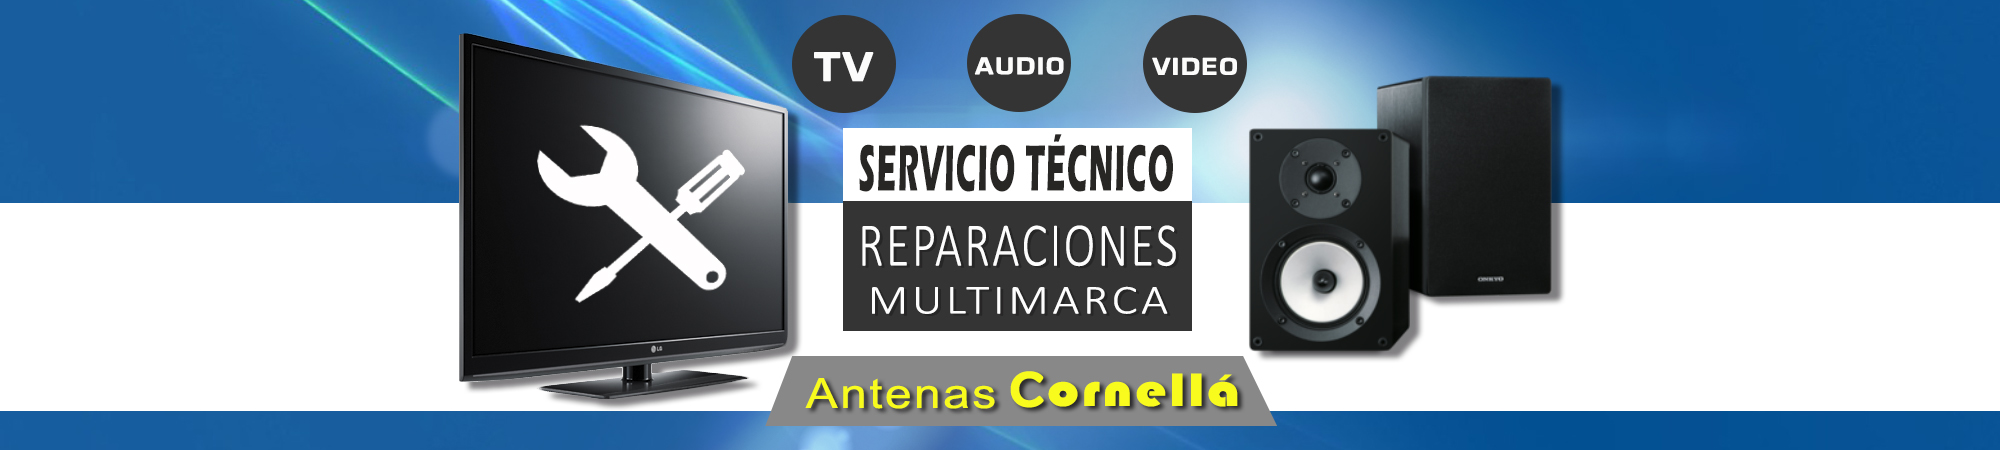 reparacion antena tv cornella baix llobregat, tvdigital cornella baix llobregat,